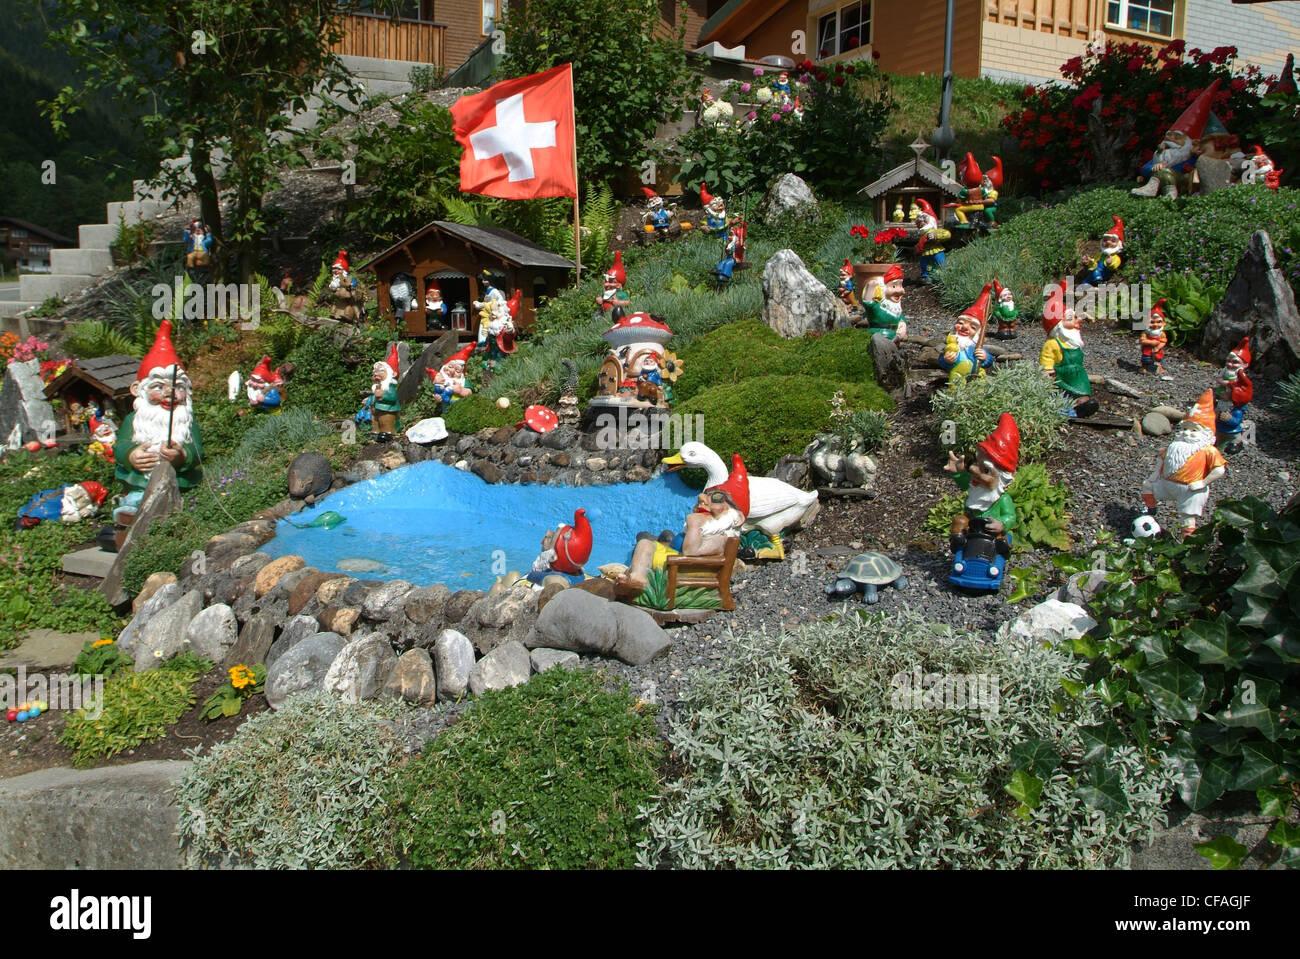 Garden Gnomes Garden Stock Photos & Garden Gnomes Garden Stock ...